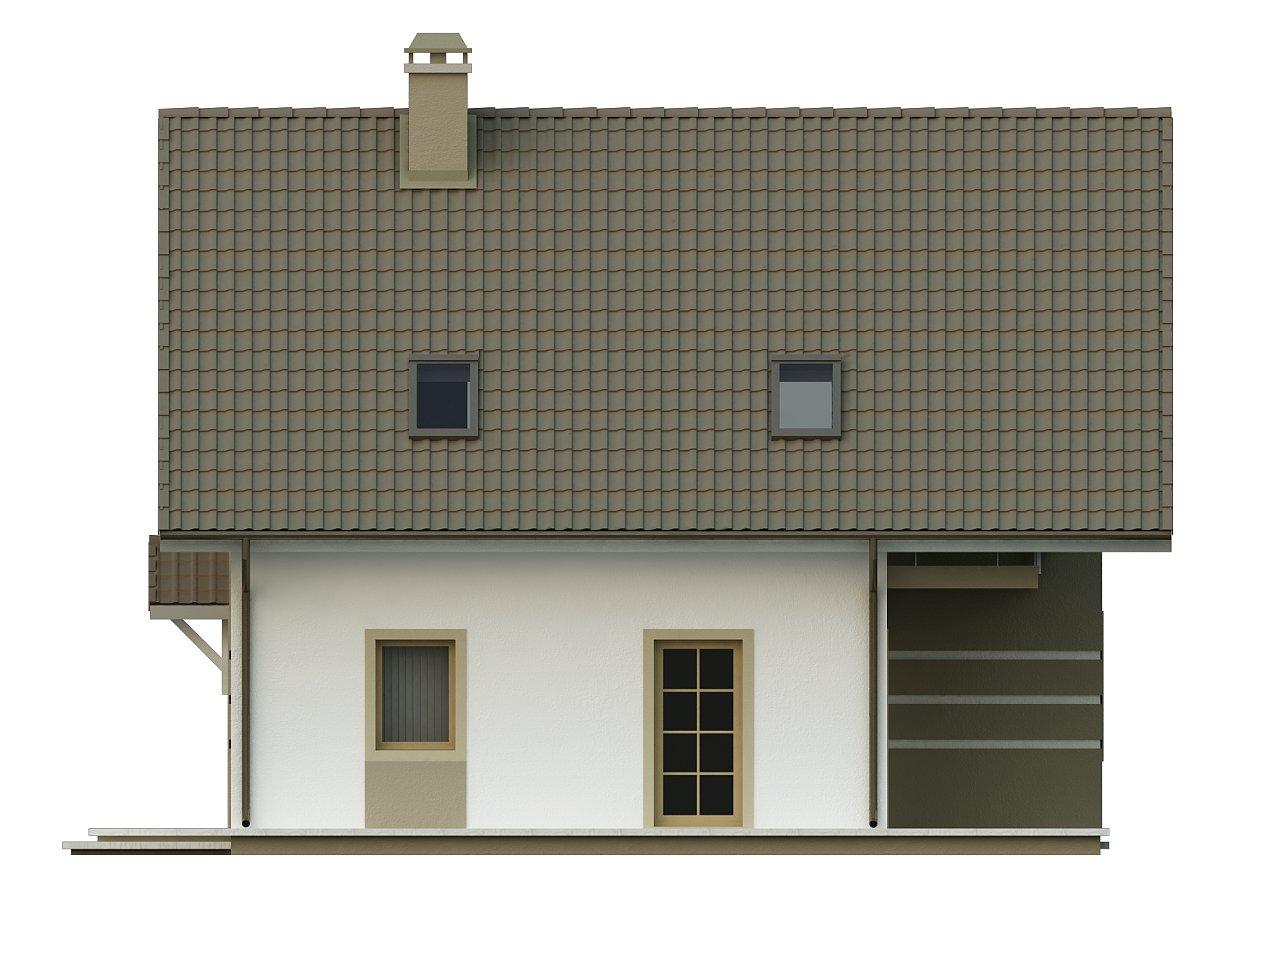 Стильный дом с мансардой, экономичный в строительстве и эксплуатации. 5